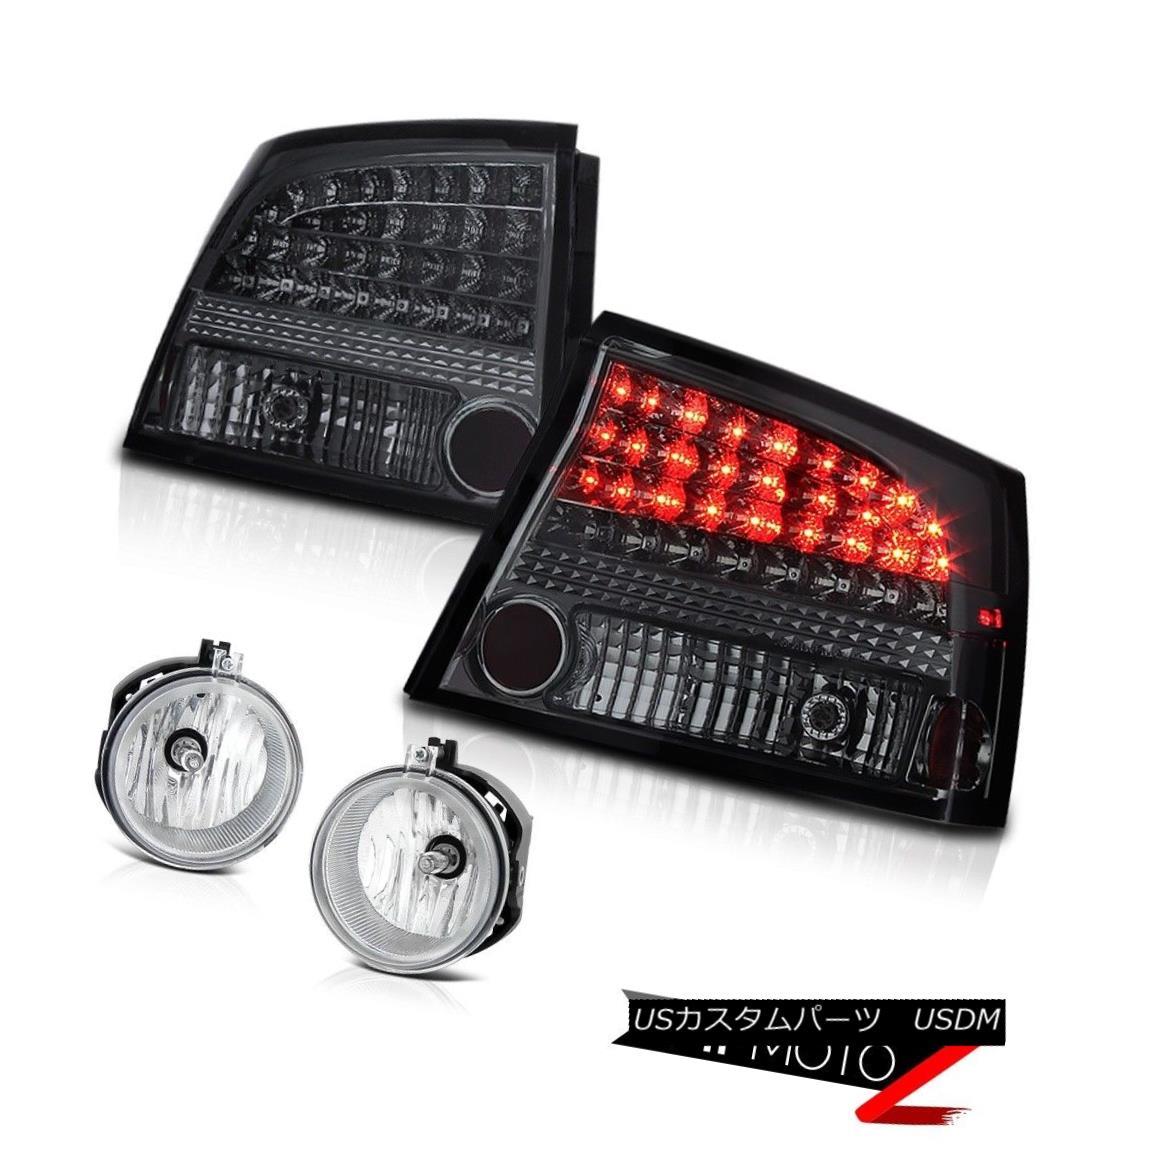 テールライト 2006-2008 Dodge Charger Smoke Rear LED Taillights Brake Lamp Clear Foglight Bulb 2006-2008ダッジチャージャースモークリアLEDテールライトブレーキランプクリアフォグライトバルブ